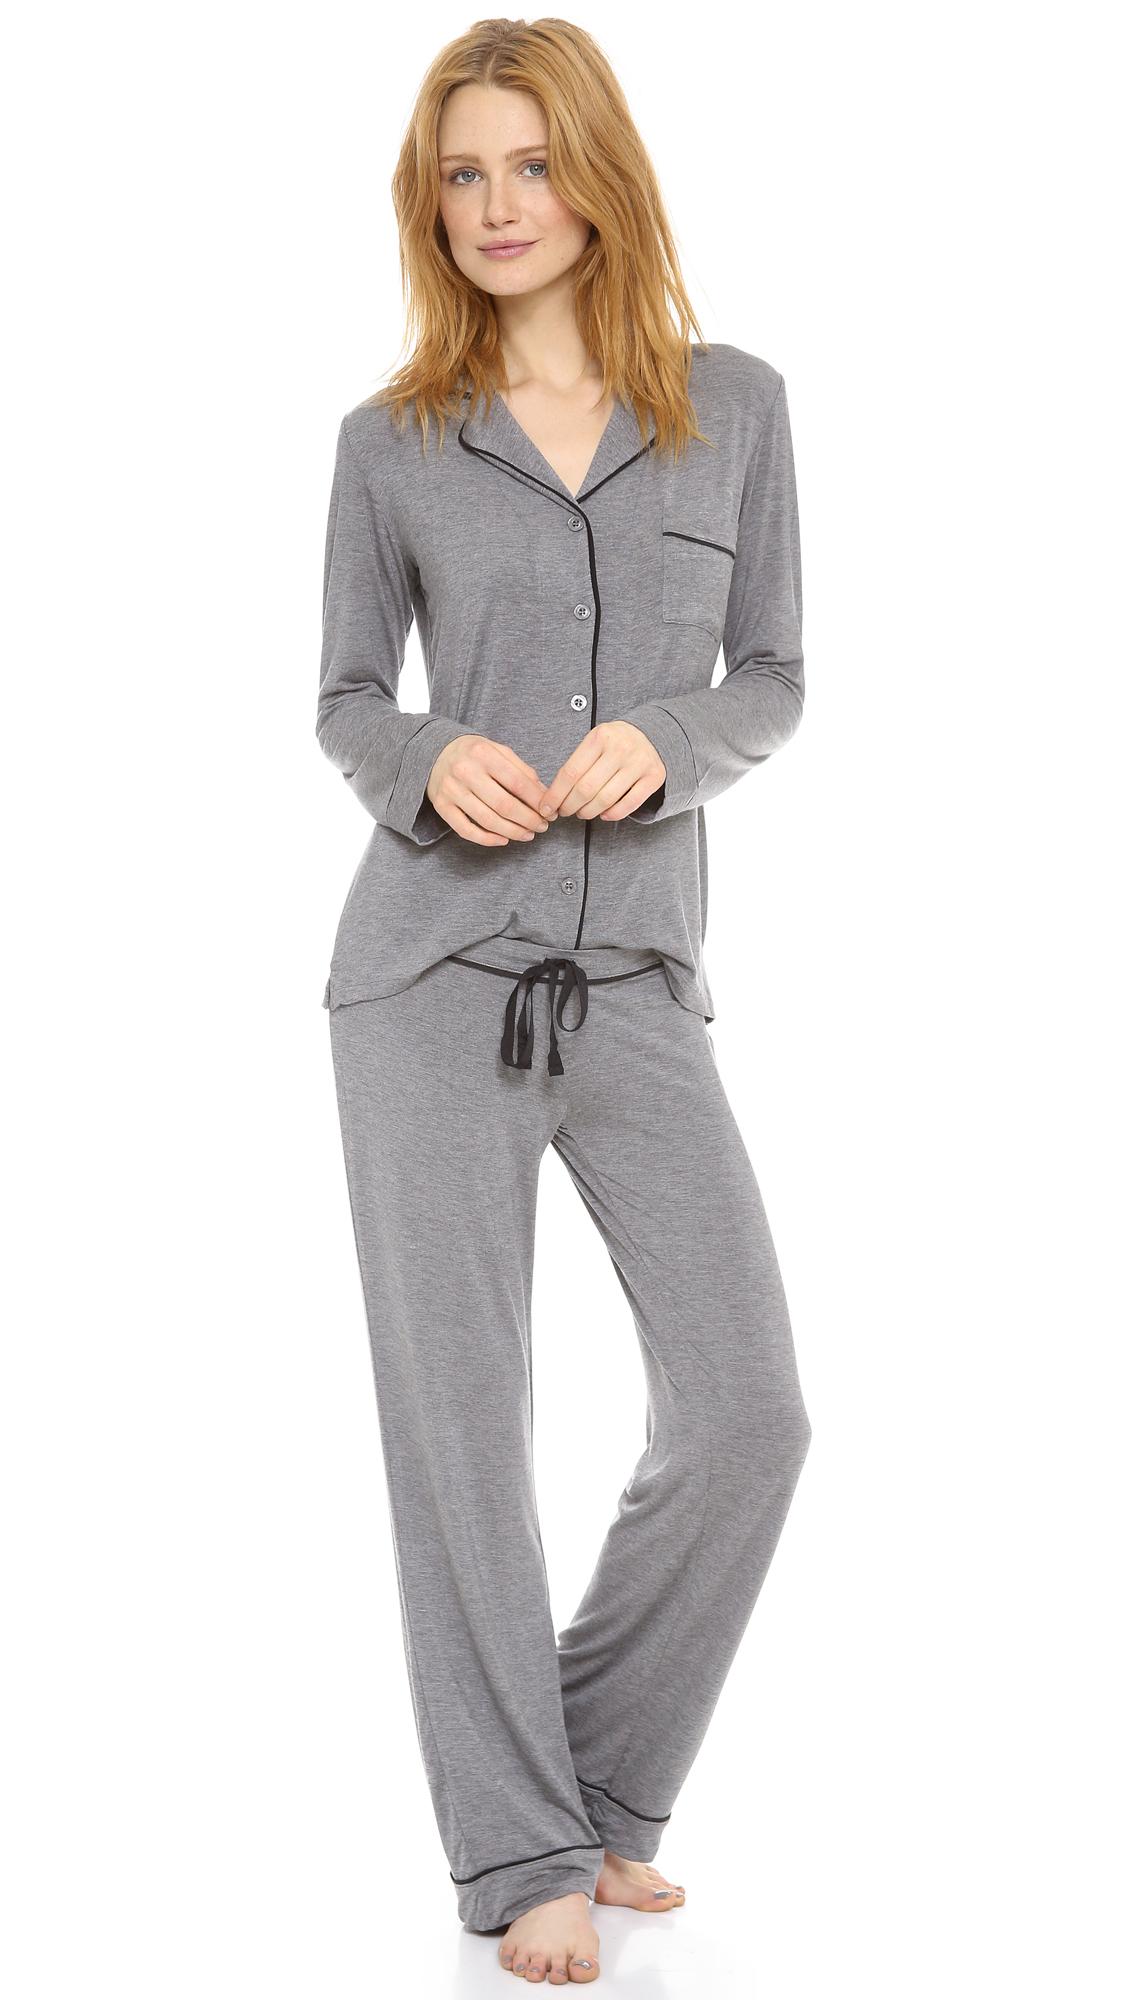 b2c38c3d90 PJ Salvage Modal Pajama Set